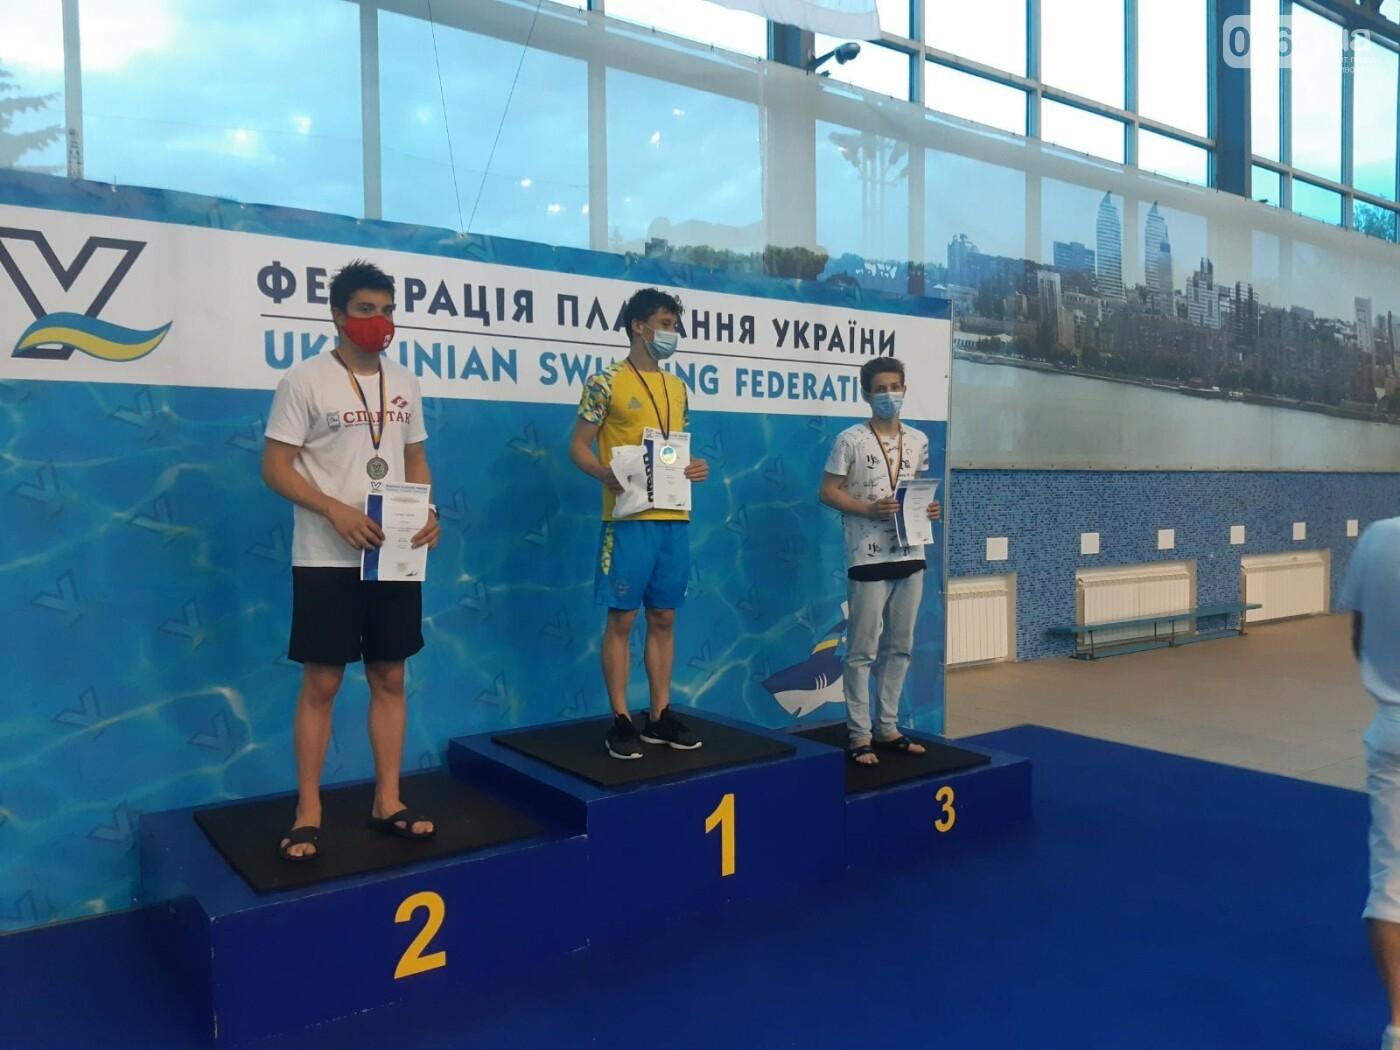 Криворожские пловцы завоевали медали на чемпионате Украины по плаванию, - ФОТО, фото-1